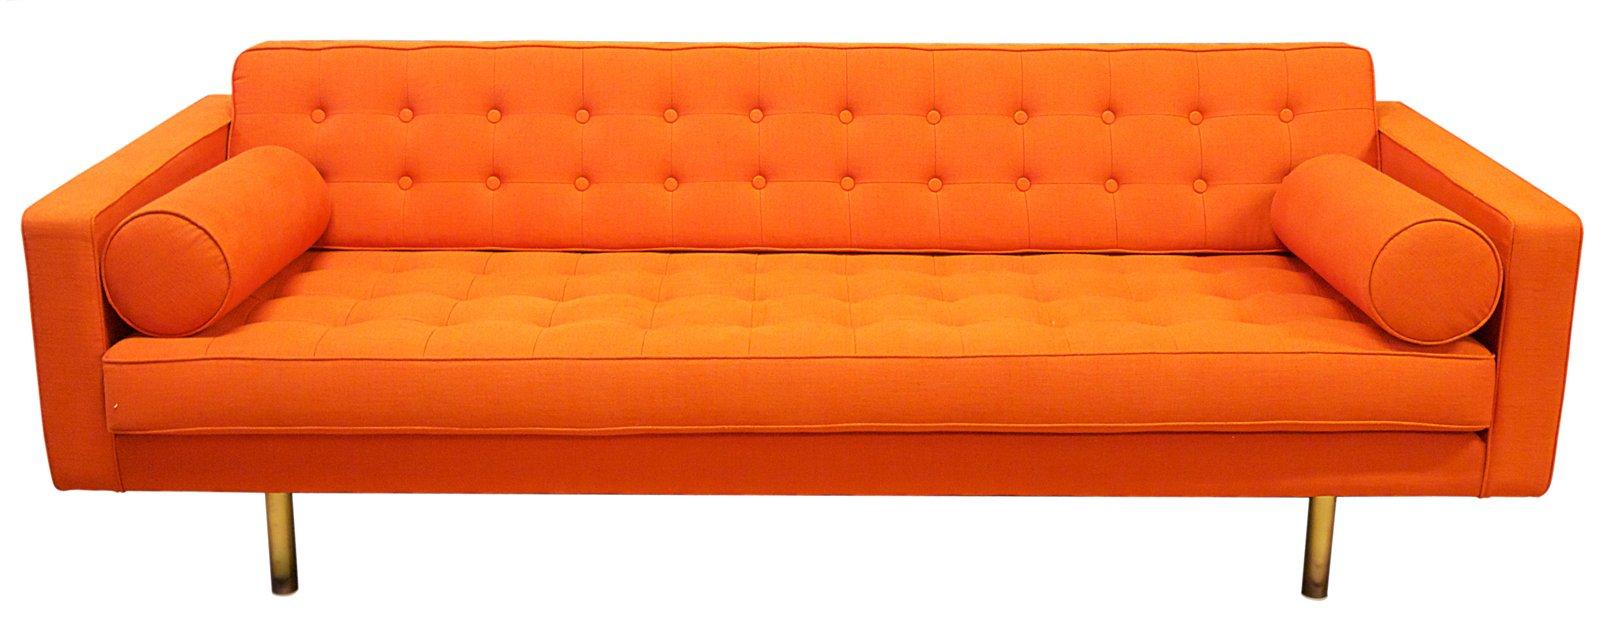 prezzo 1890 euro divano 3 posti di made in design linee essenziali e stile